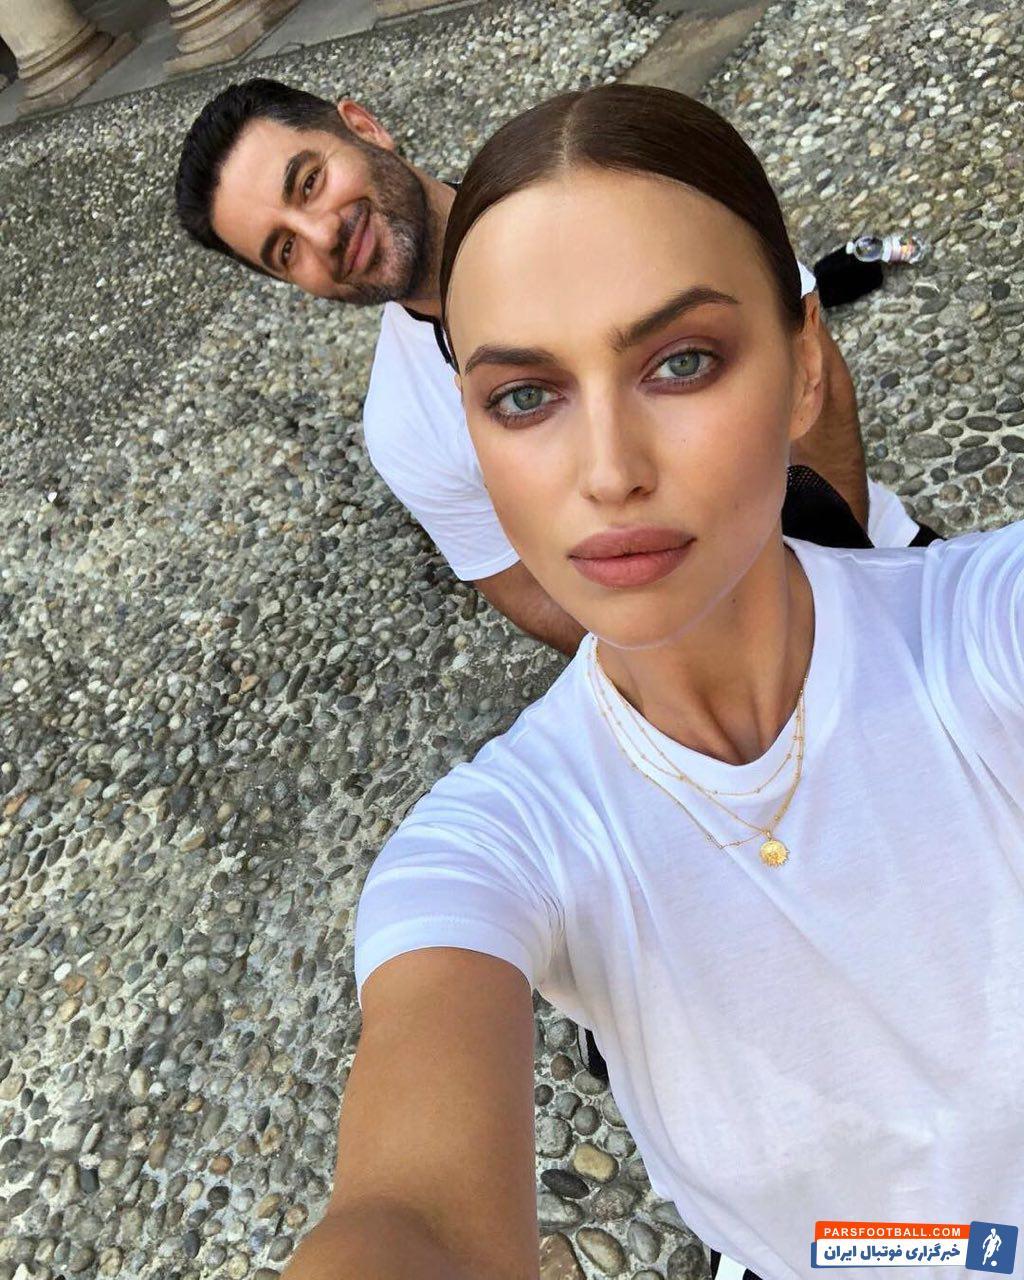 نامزد سابق کریستیانو رونالدو ایرینا شایک مدل معروف روسی که جدایی پر سر و صدایی از رونالدو داشت ، با علی کاووسی مدیر برنامه هایش در حال گردش و تفریح دیده شده است.